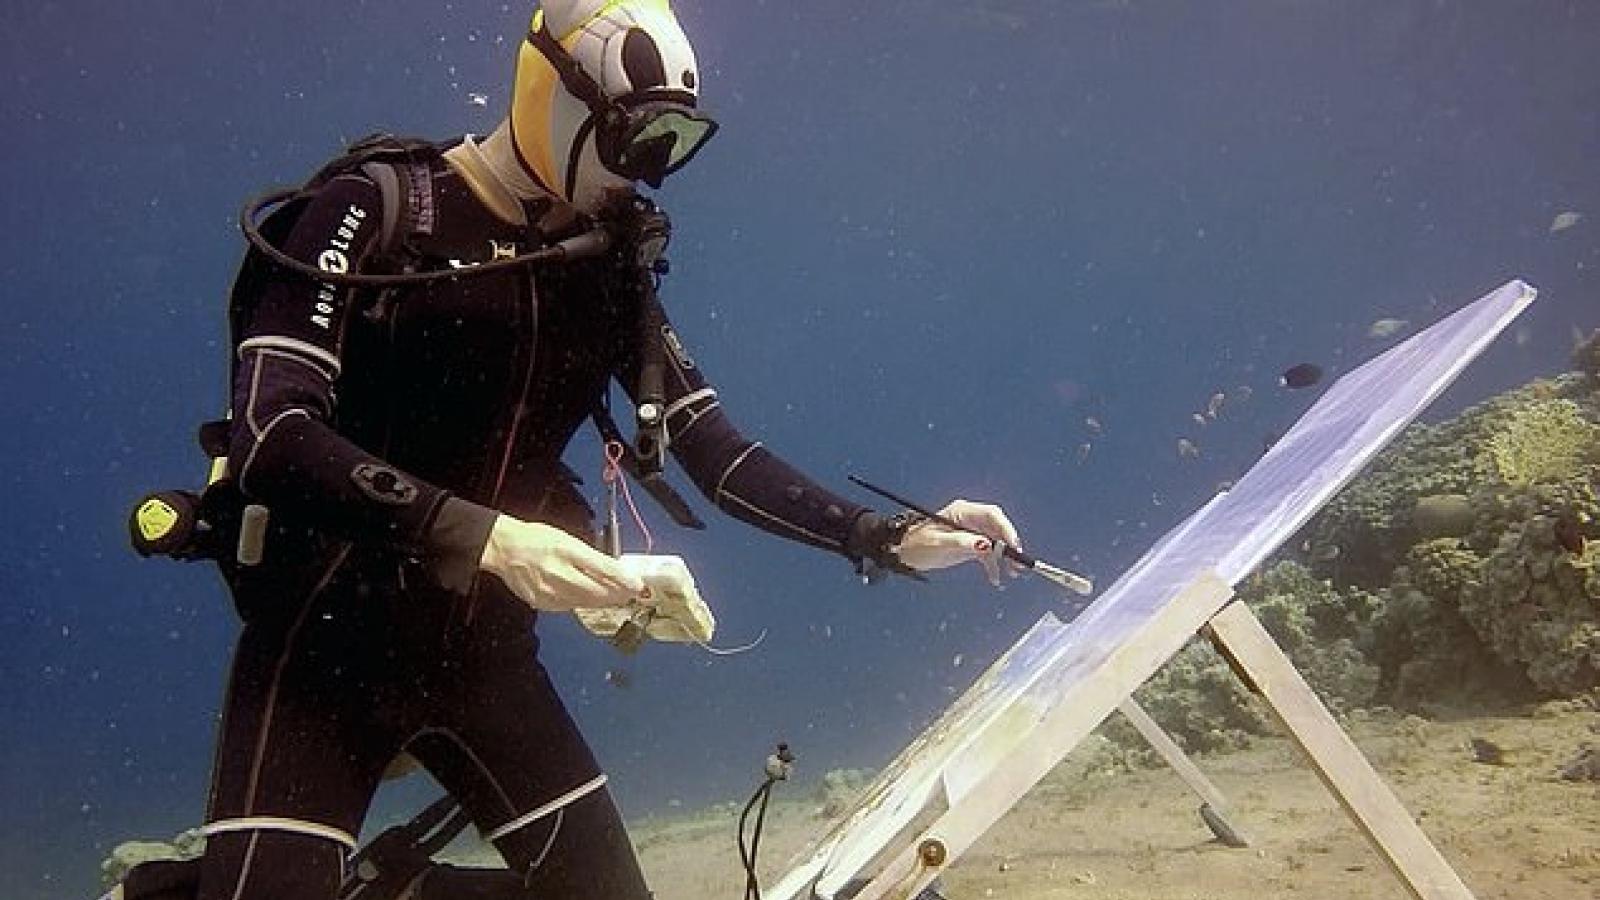 Độc đáo nữ hoạ sĩ người Nga vẽ tranh dưới đáy Biển Đỏ